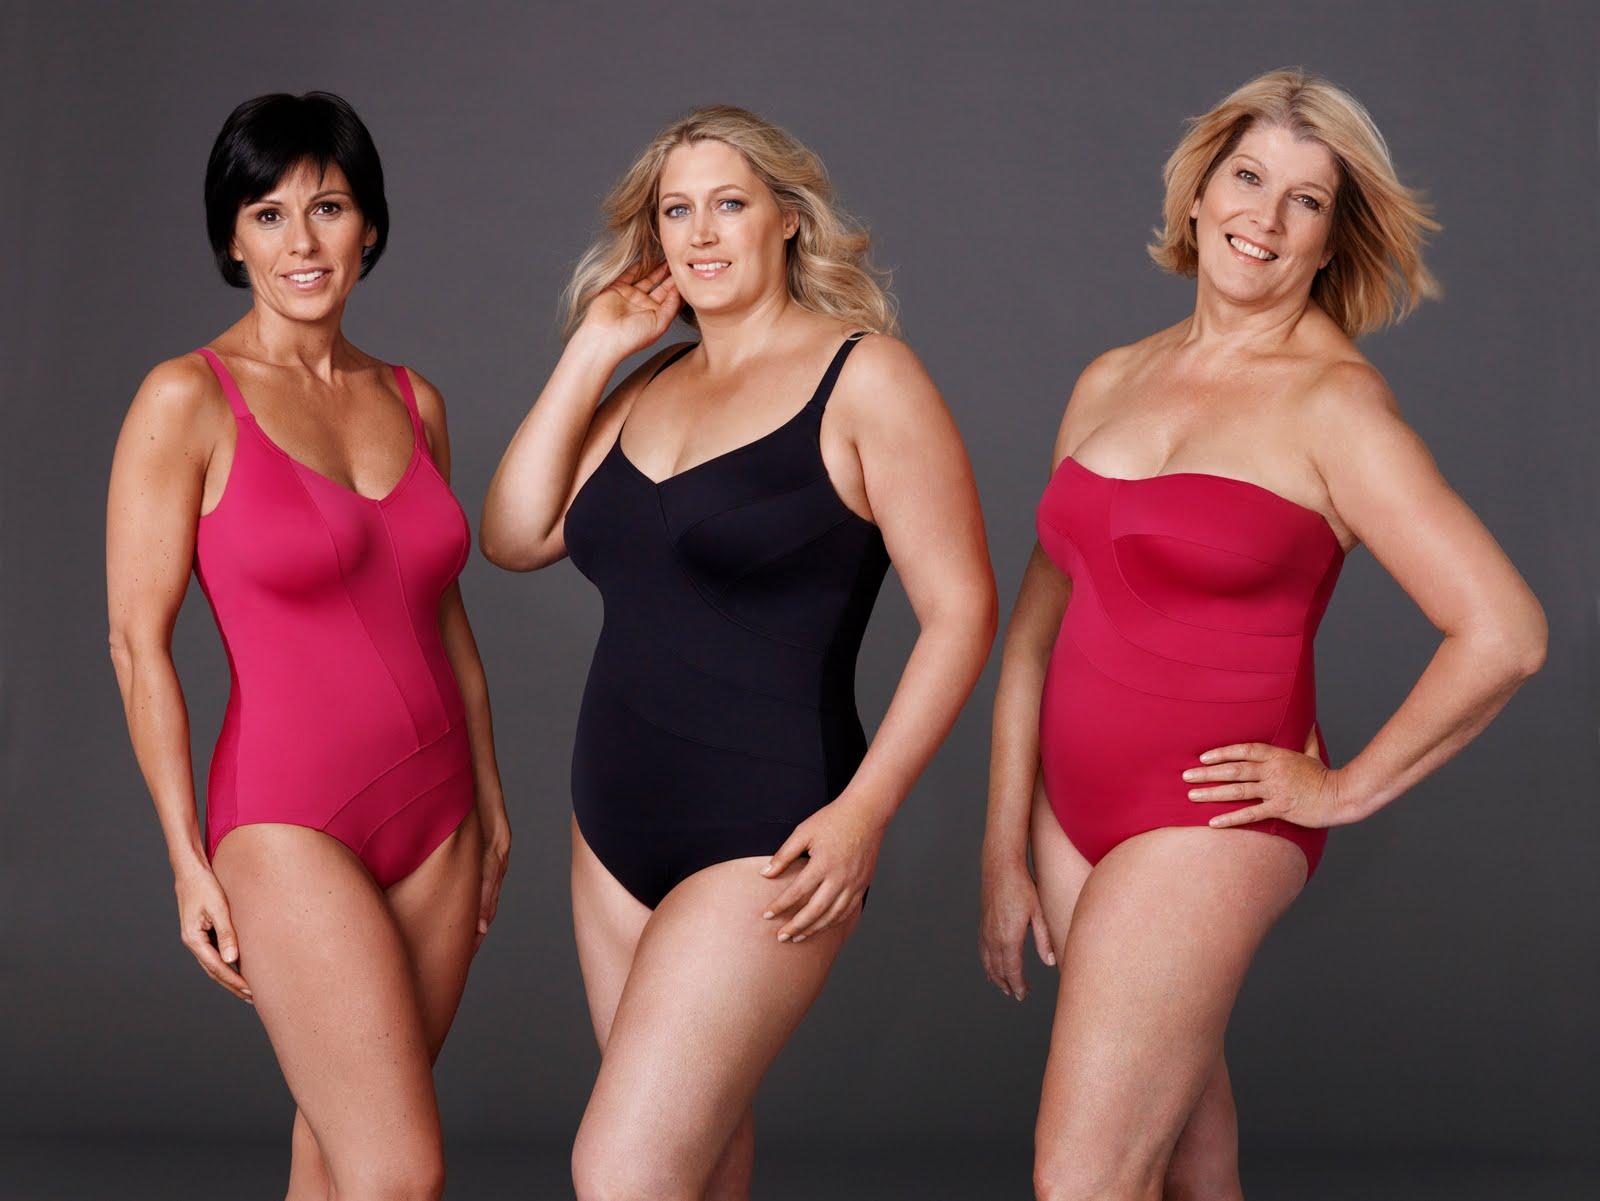 Фотографии полных женщин без одежды 7 фотография